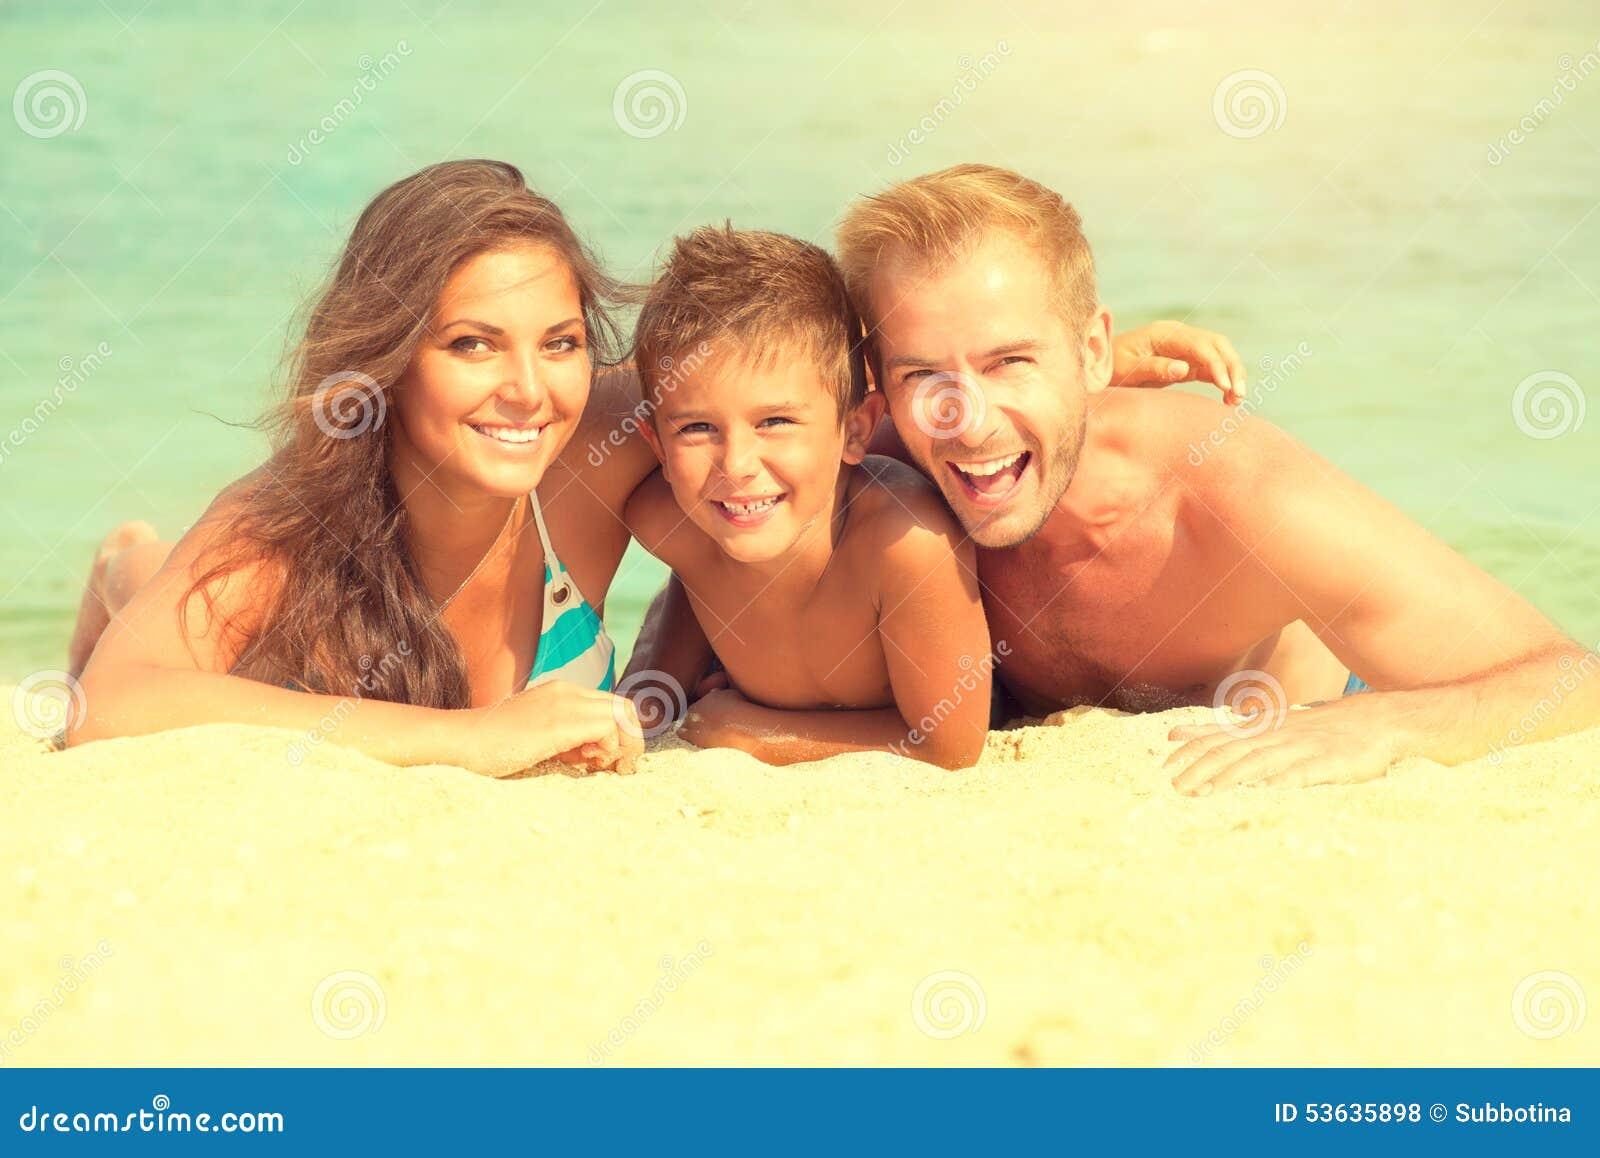 Glückliche Familie, die Spaß am Strand hat